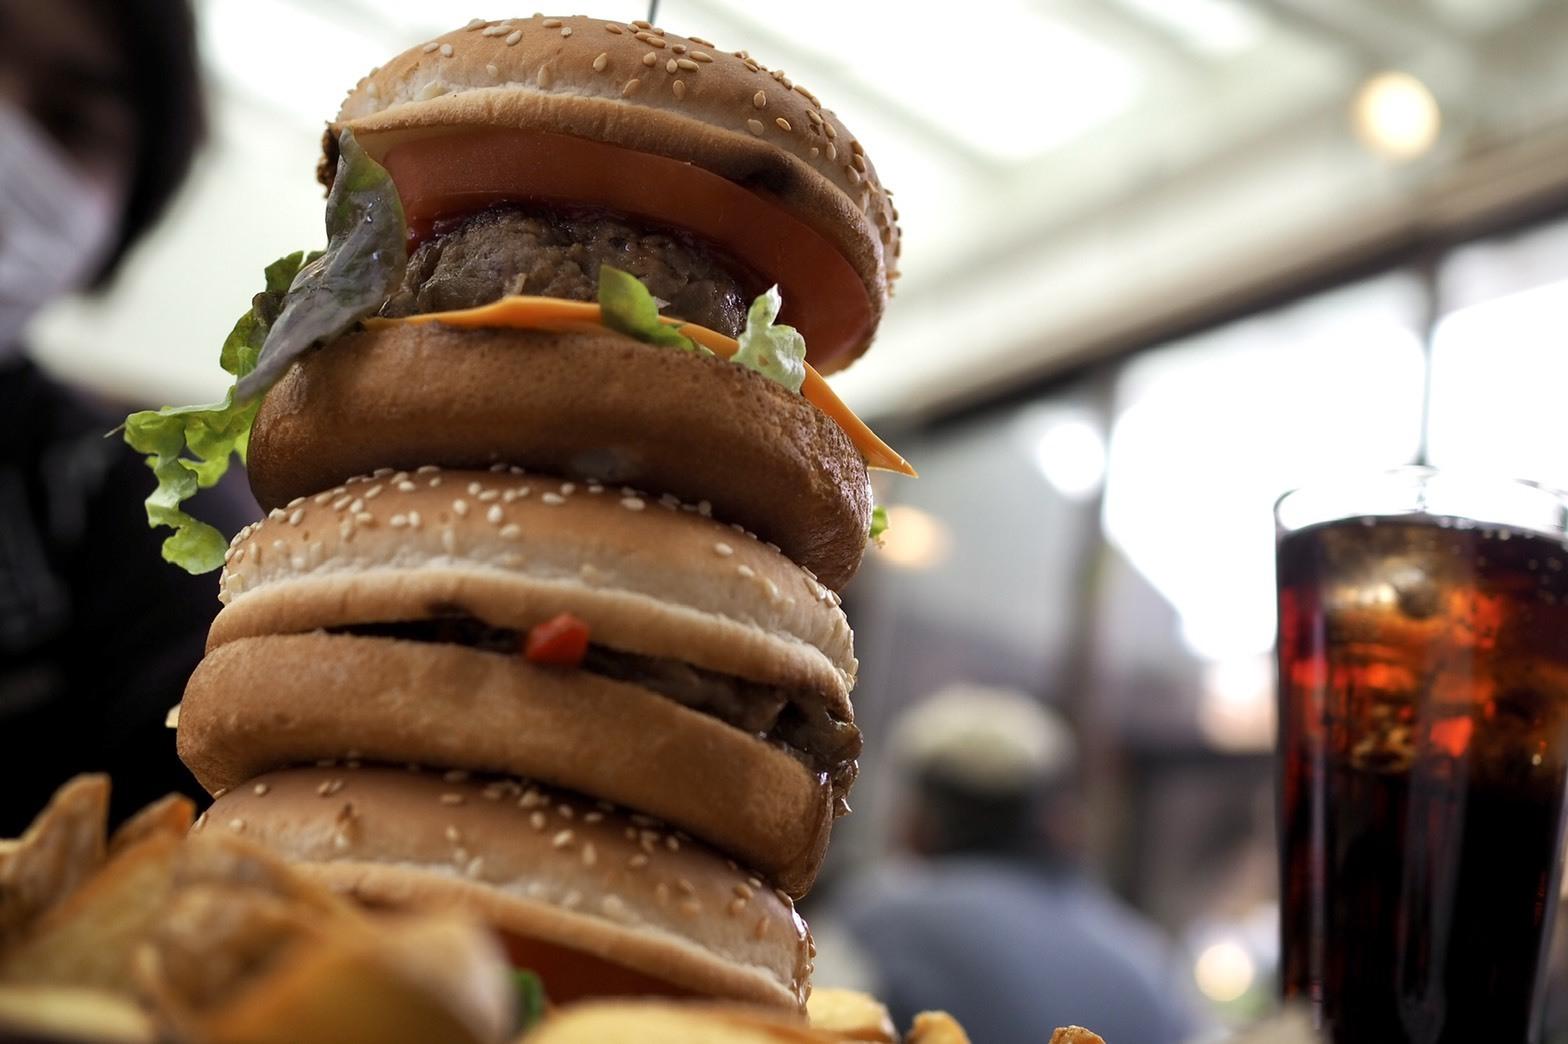 和歌山 有田市 テラスカフェライスフィールド 鬼盛りポテトとクレイジーバーガー デカすぎる! 巨大 そびえ立つ ハンバーガー